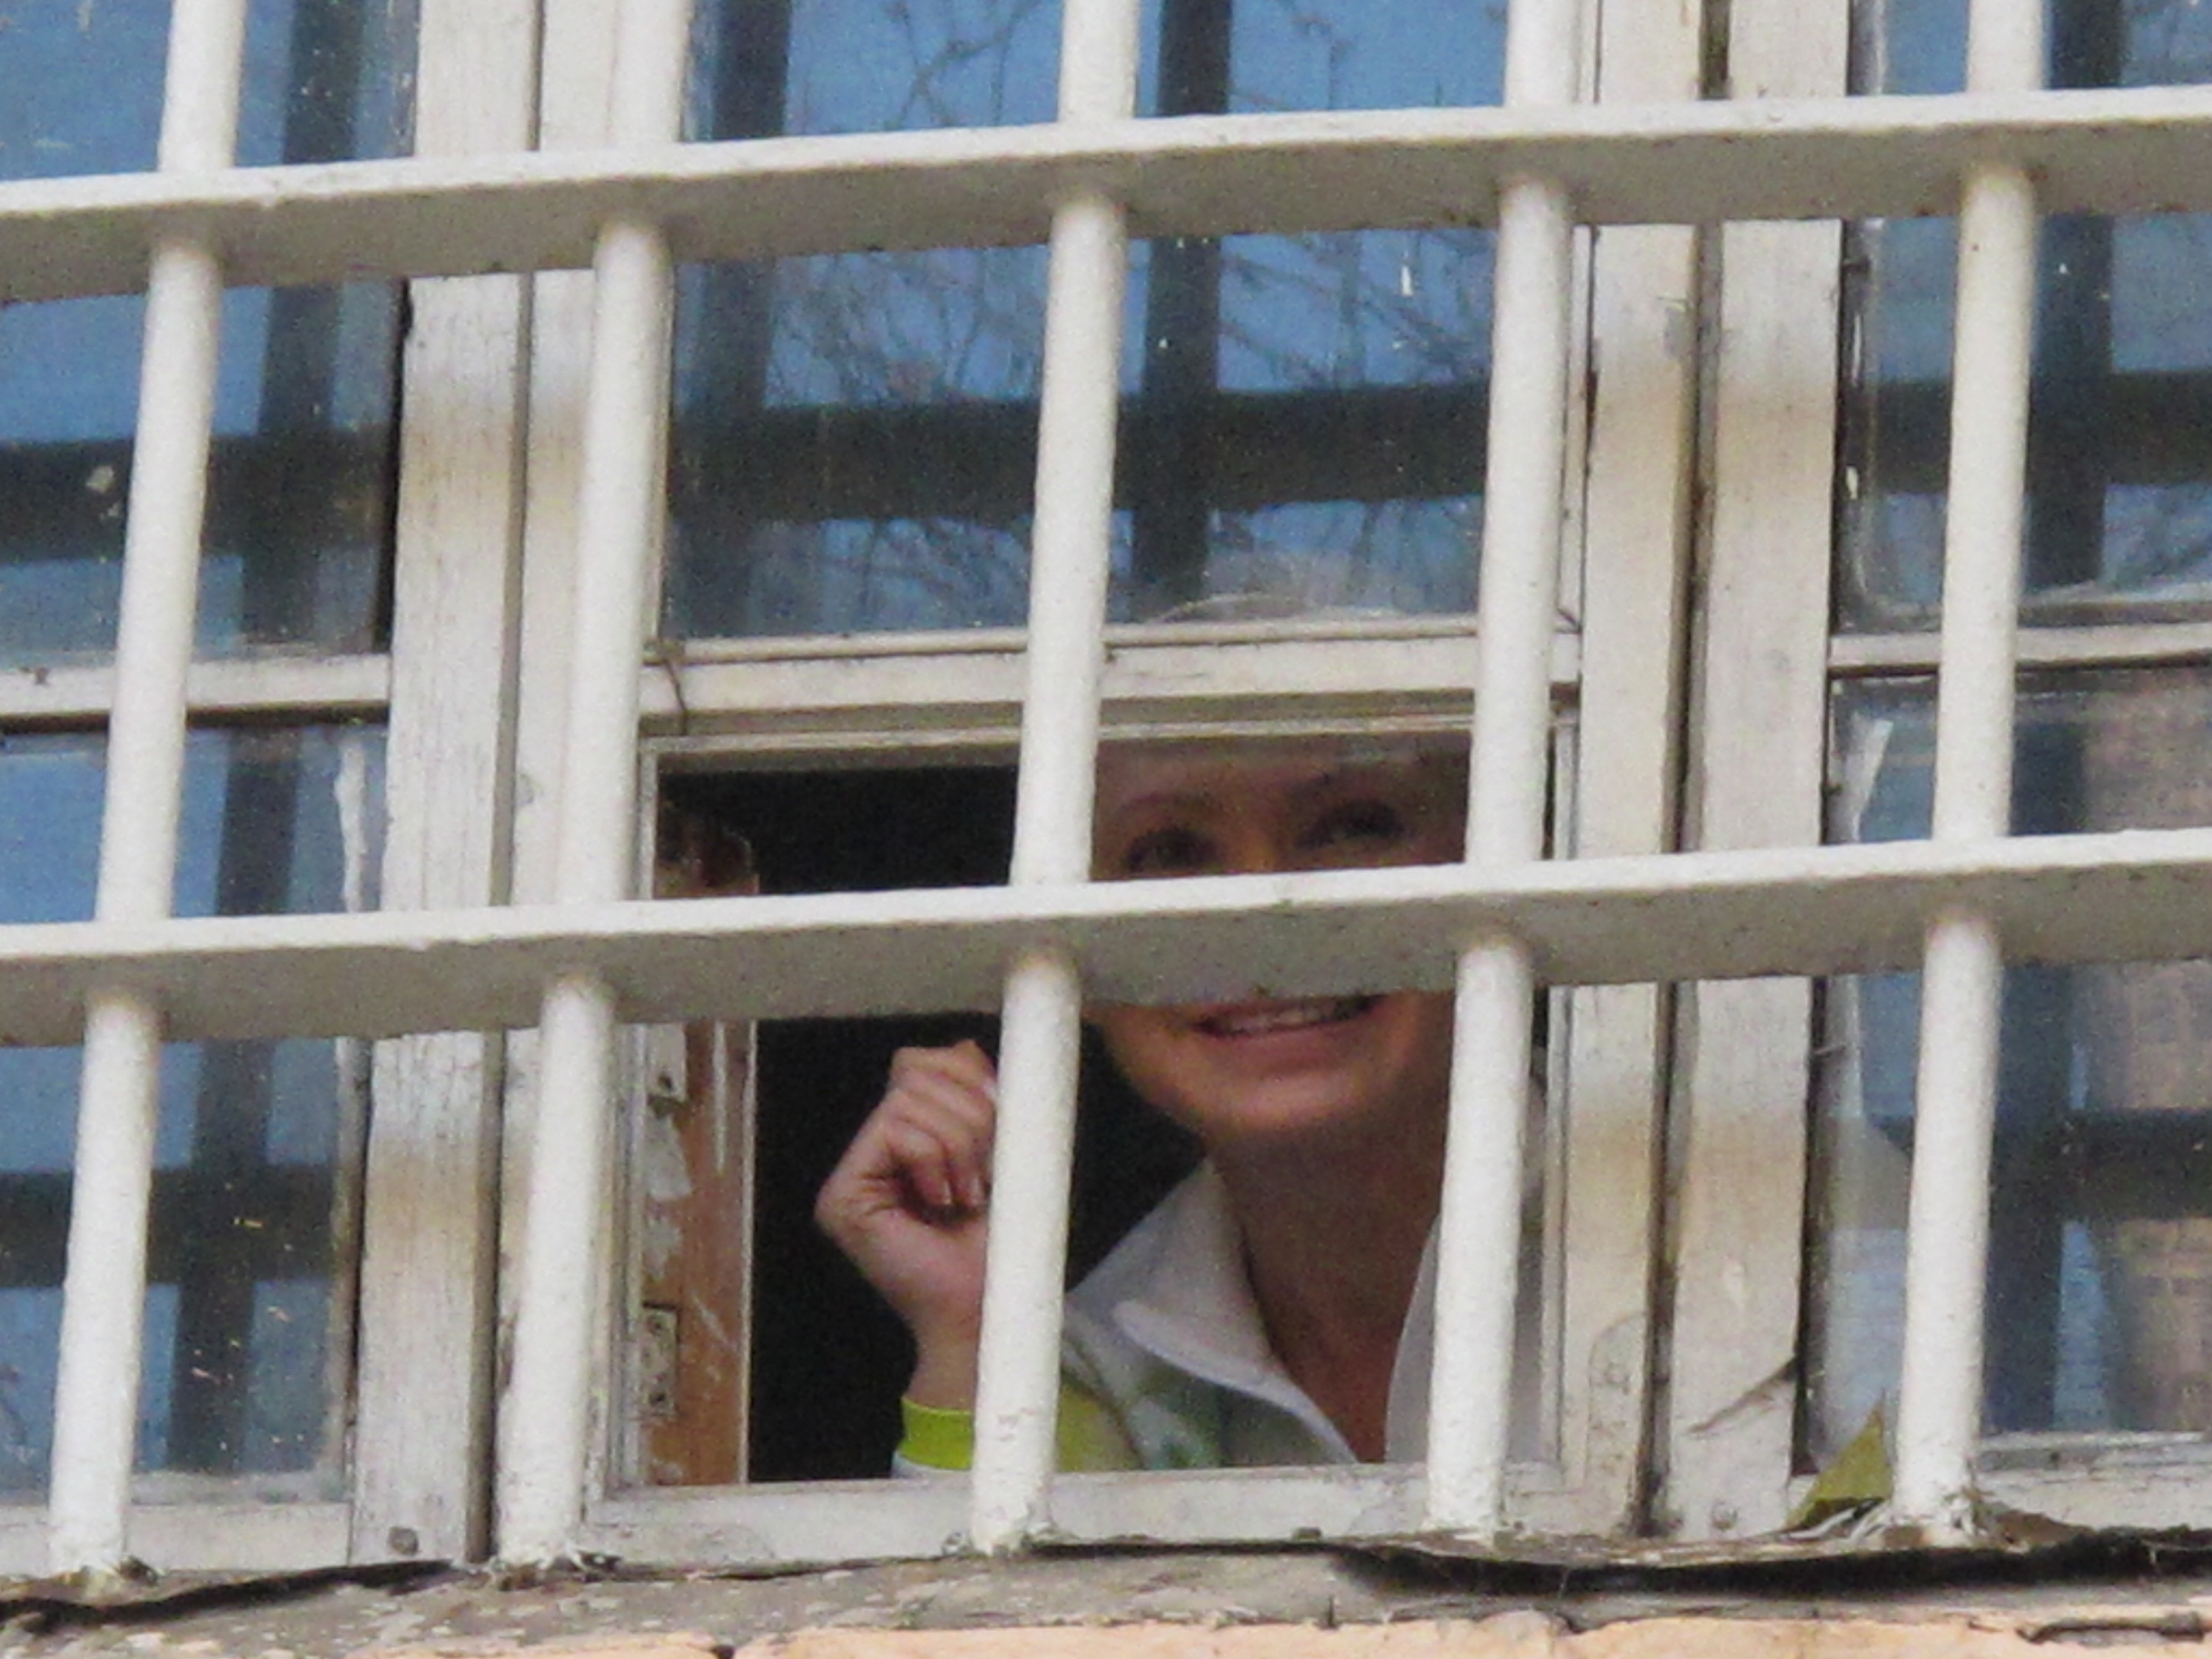 Юлію Тимошенко Європейський суд зобов'язав лікувати в стаціонарі